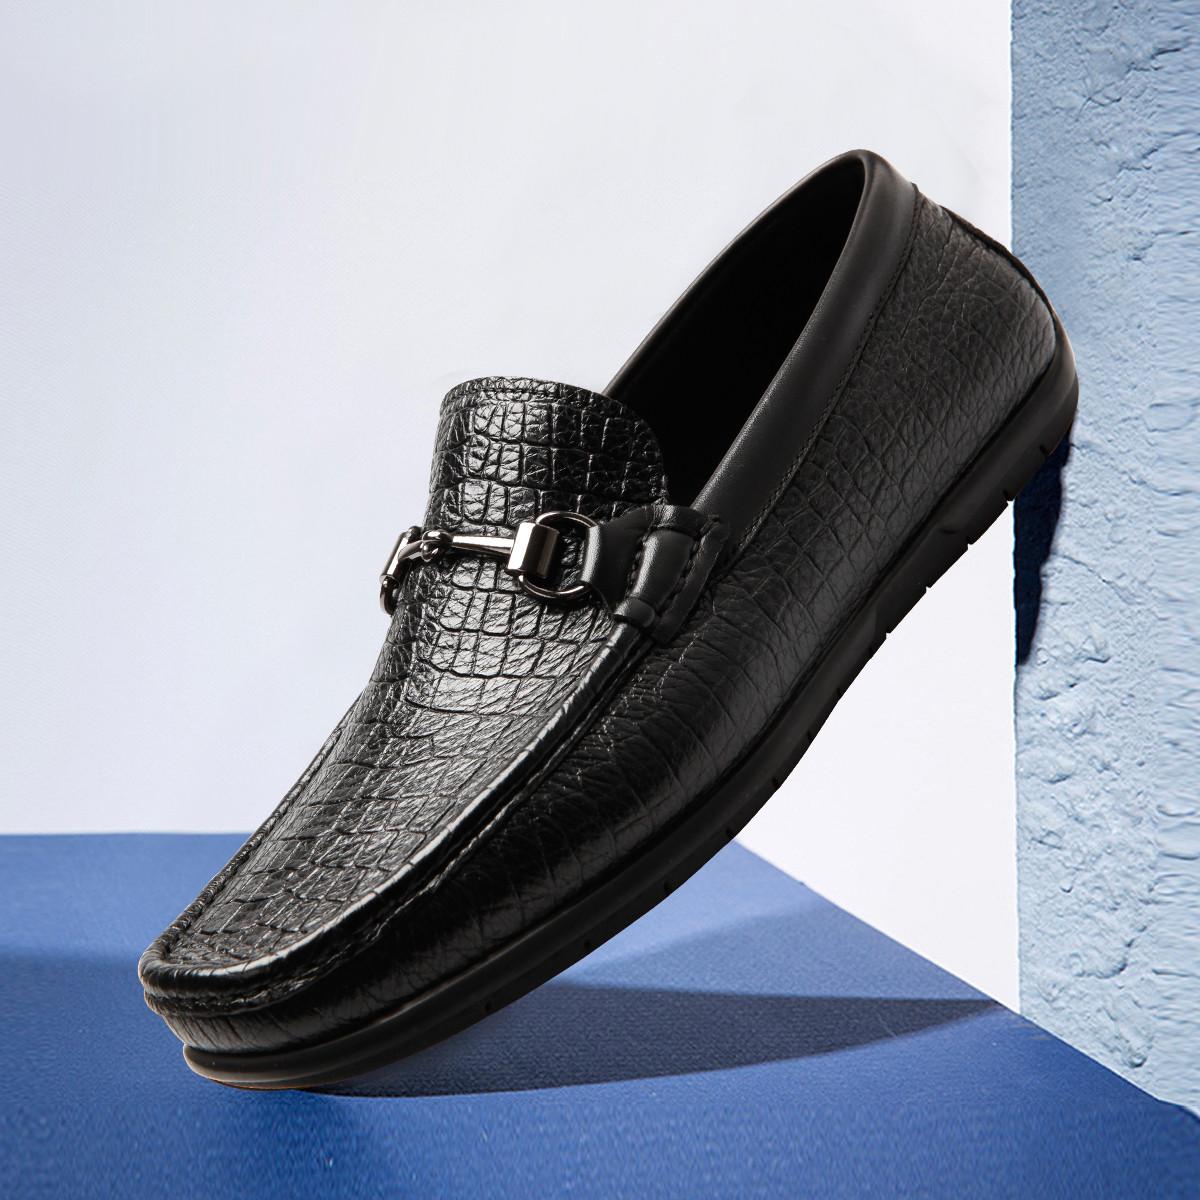 皮尔·卡丹【珍稀鹿皮】2019新品奢华柔软鹿皮配牛皮压纹皮鞋男鞋男士皮鞋P9101G560412A00